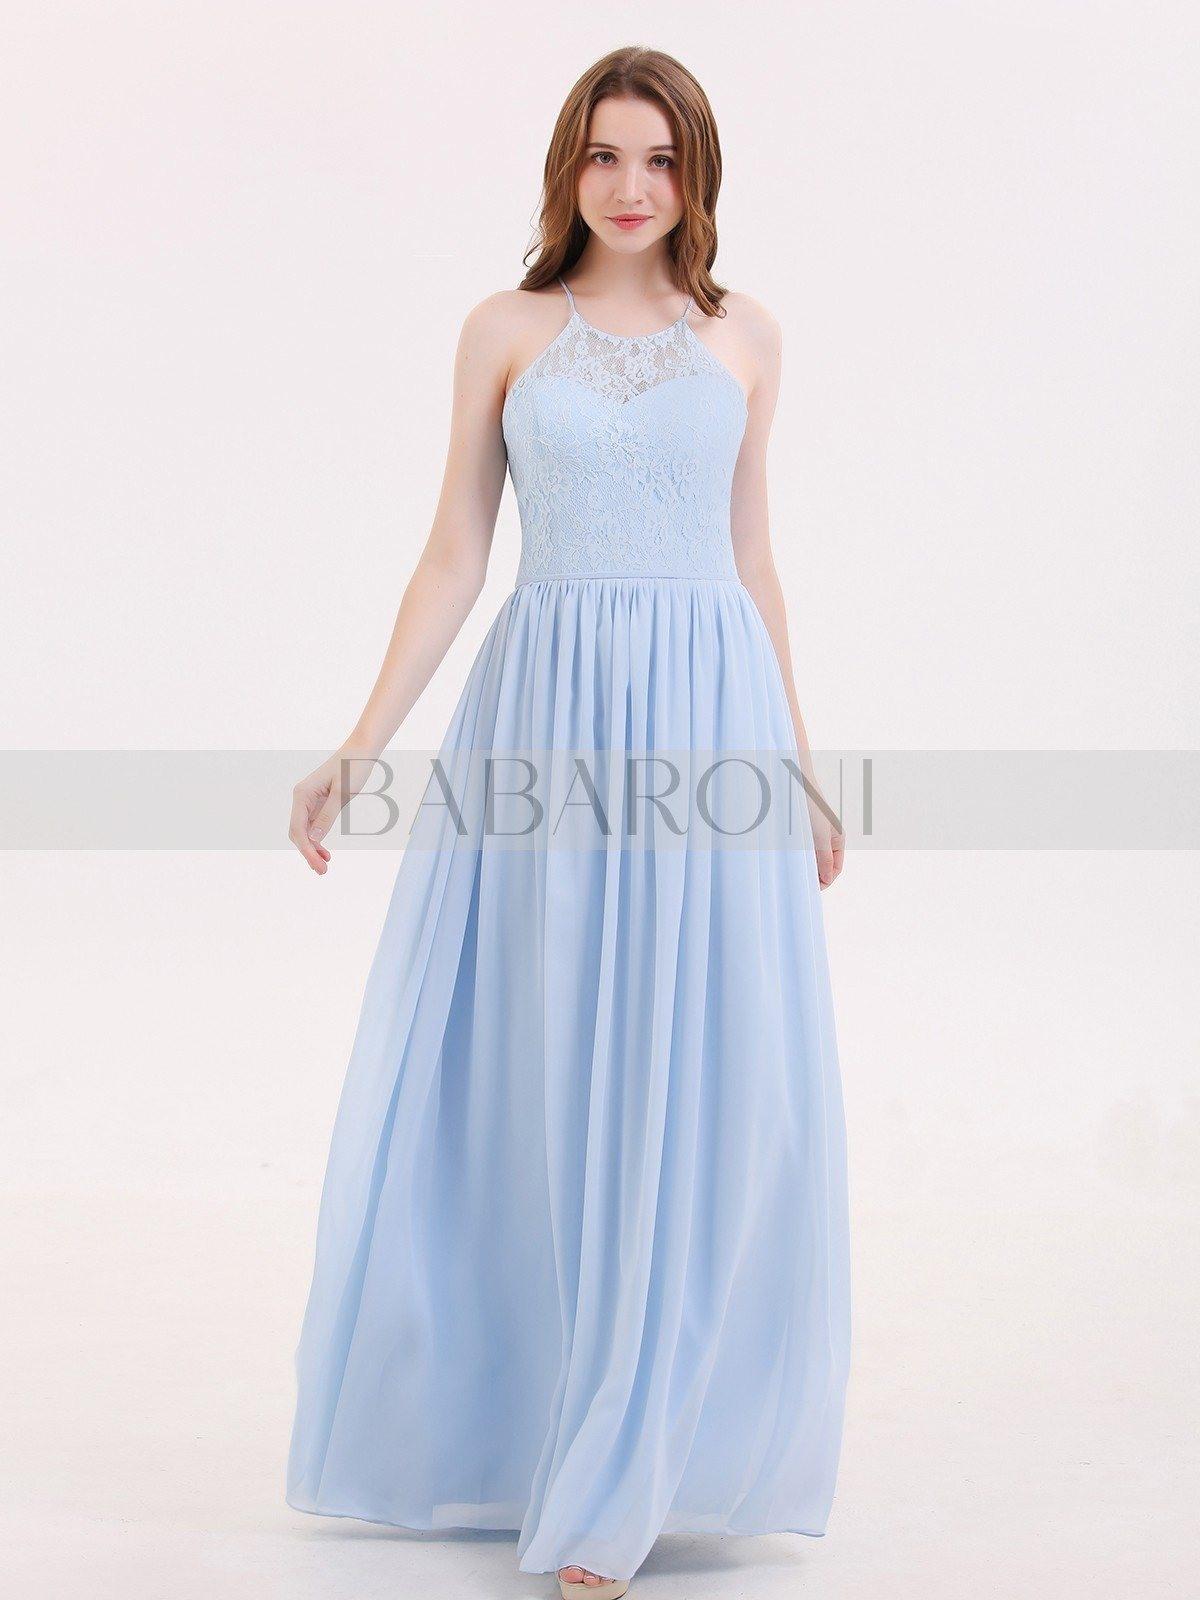 10 Einzigartig Sommerkleider Für Hochzeit Bester PreisDesigner Wunderbar Sommerkleider Für Hochzeit Bester Preis